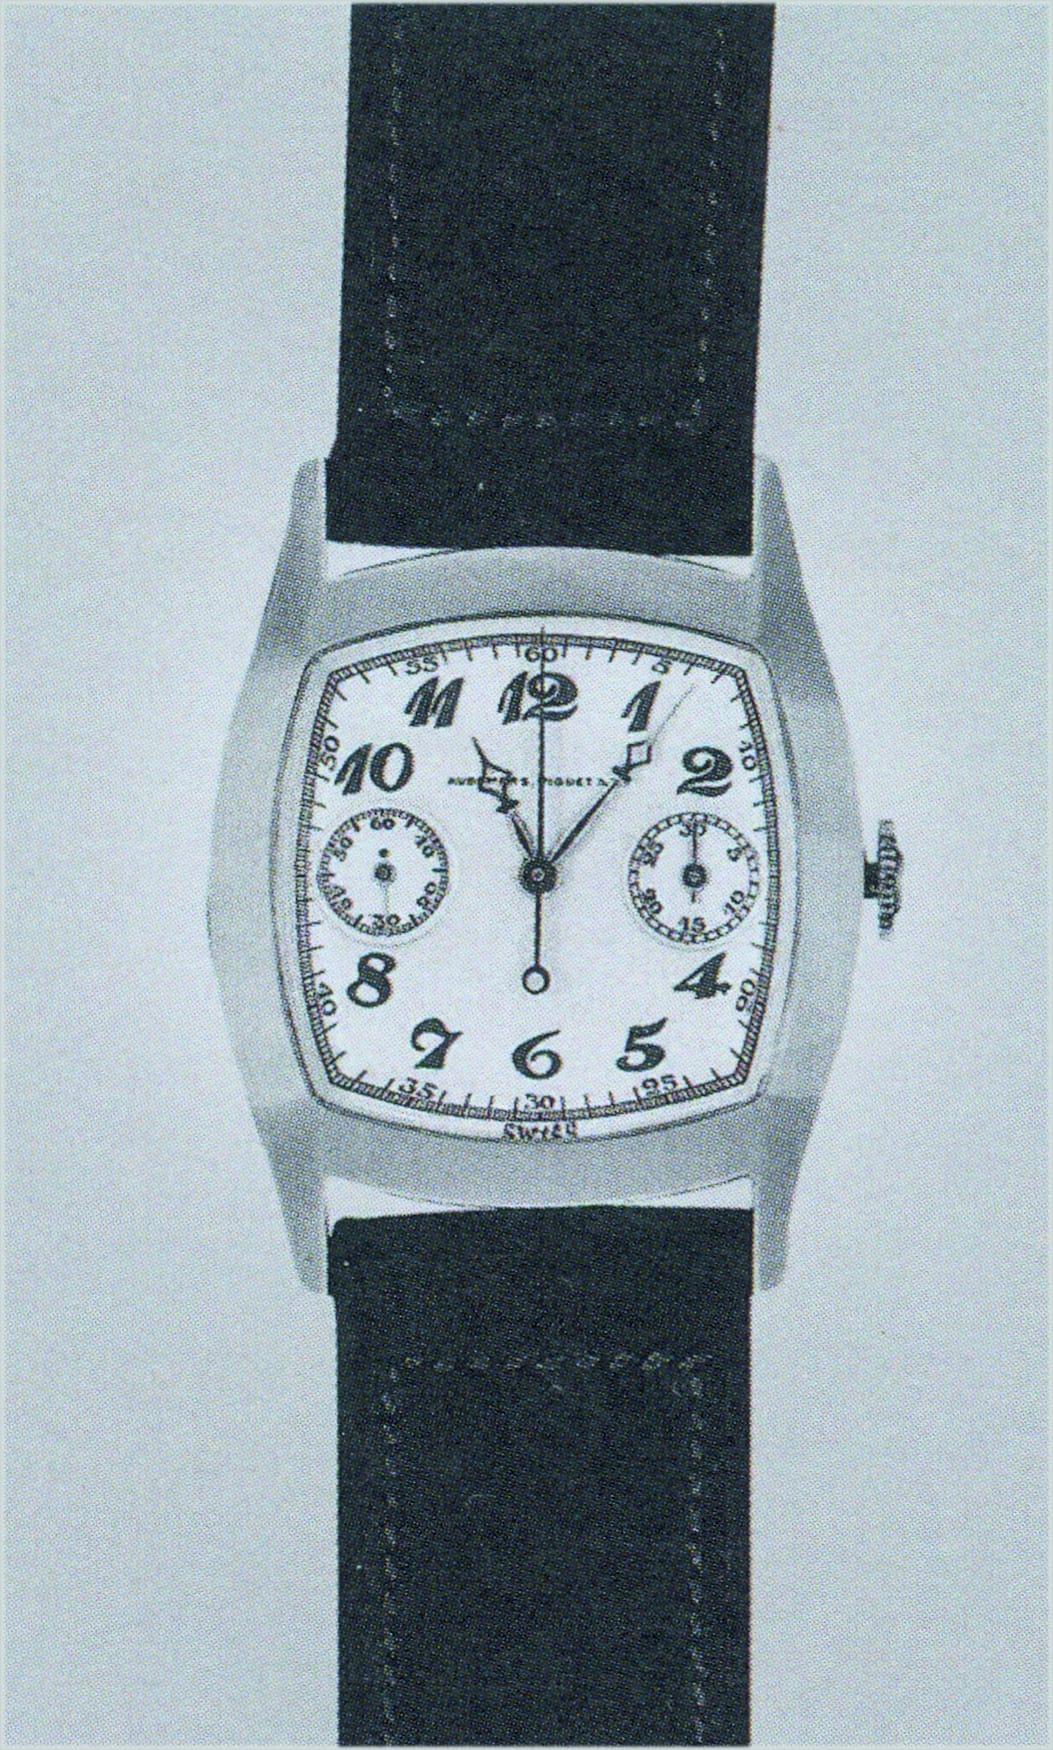 Audemars Piguet Chronograph, Kaliber 11GCCV  von 1930 mit Kronendrücker